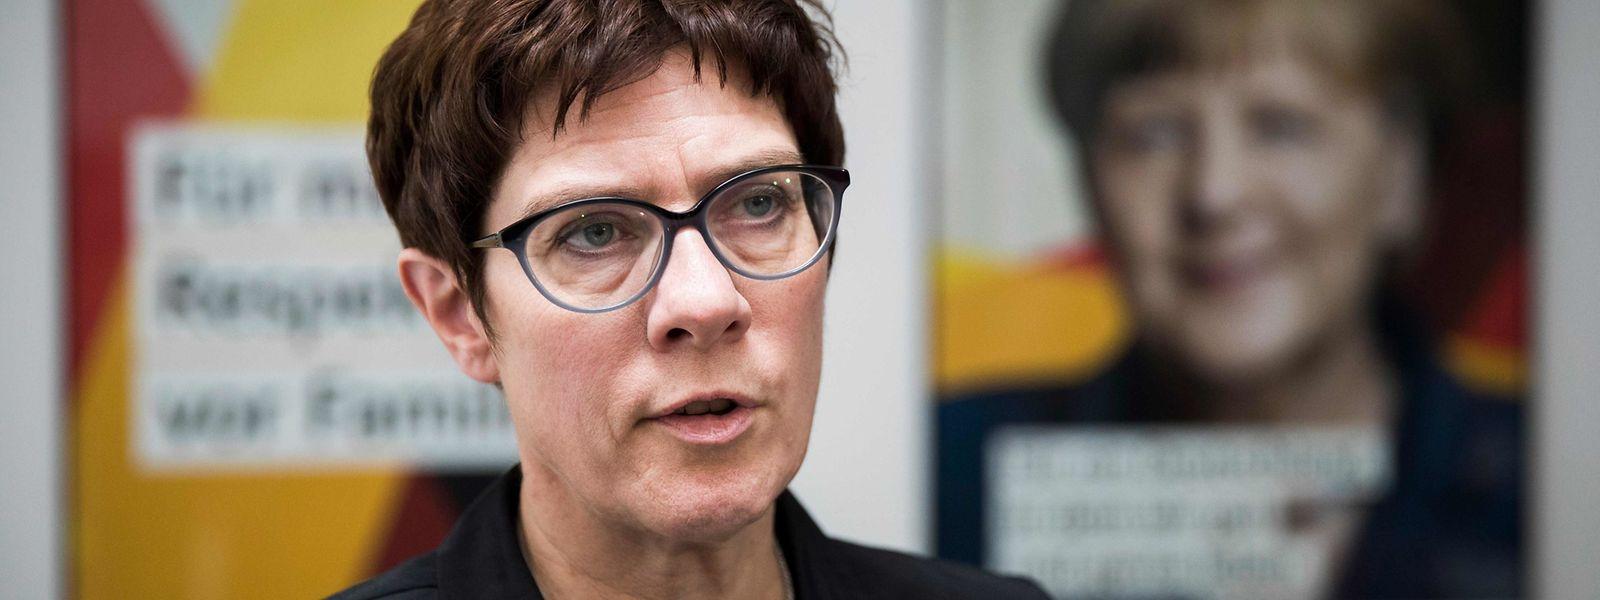 CDU-Generalsekretärin Annegret Kramp-Karrenbauer informierte ihre Mitglieder in einer Rundmail, was bei den Verhandlungen um die berufliche Zukunft von Ex-Verfassungsschutzpräsident Maaßen auf dem Spiel stand.